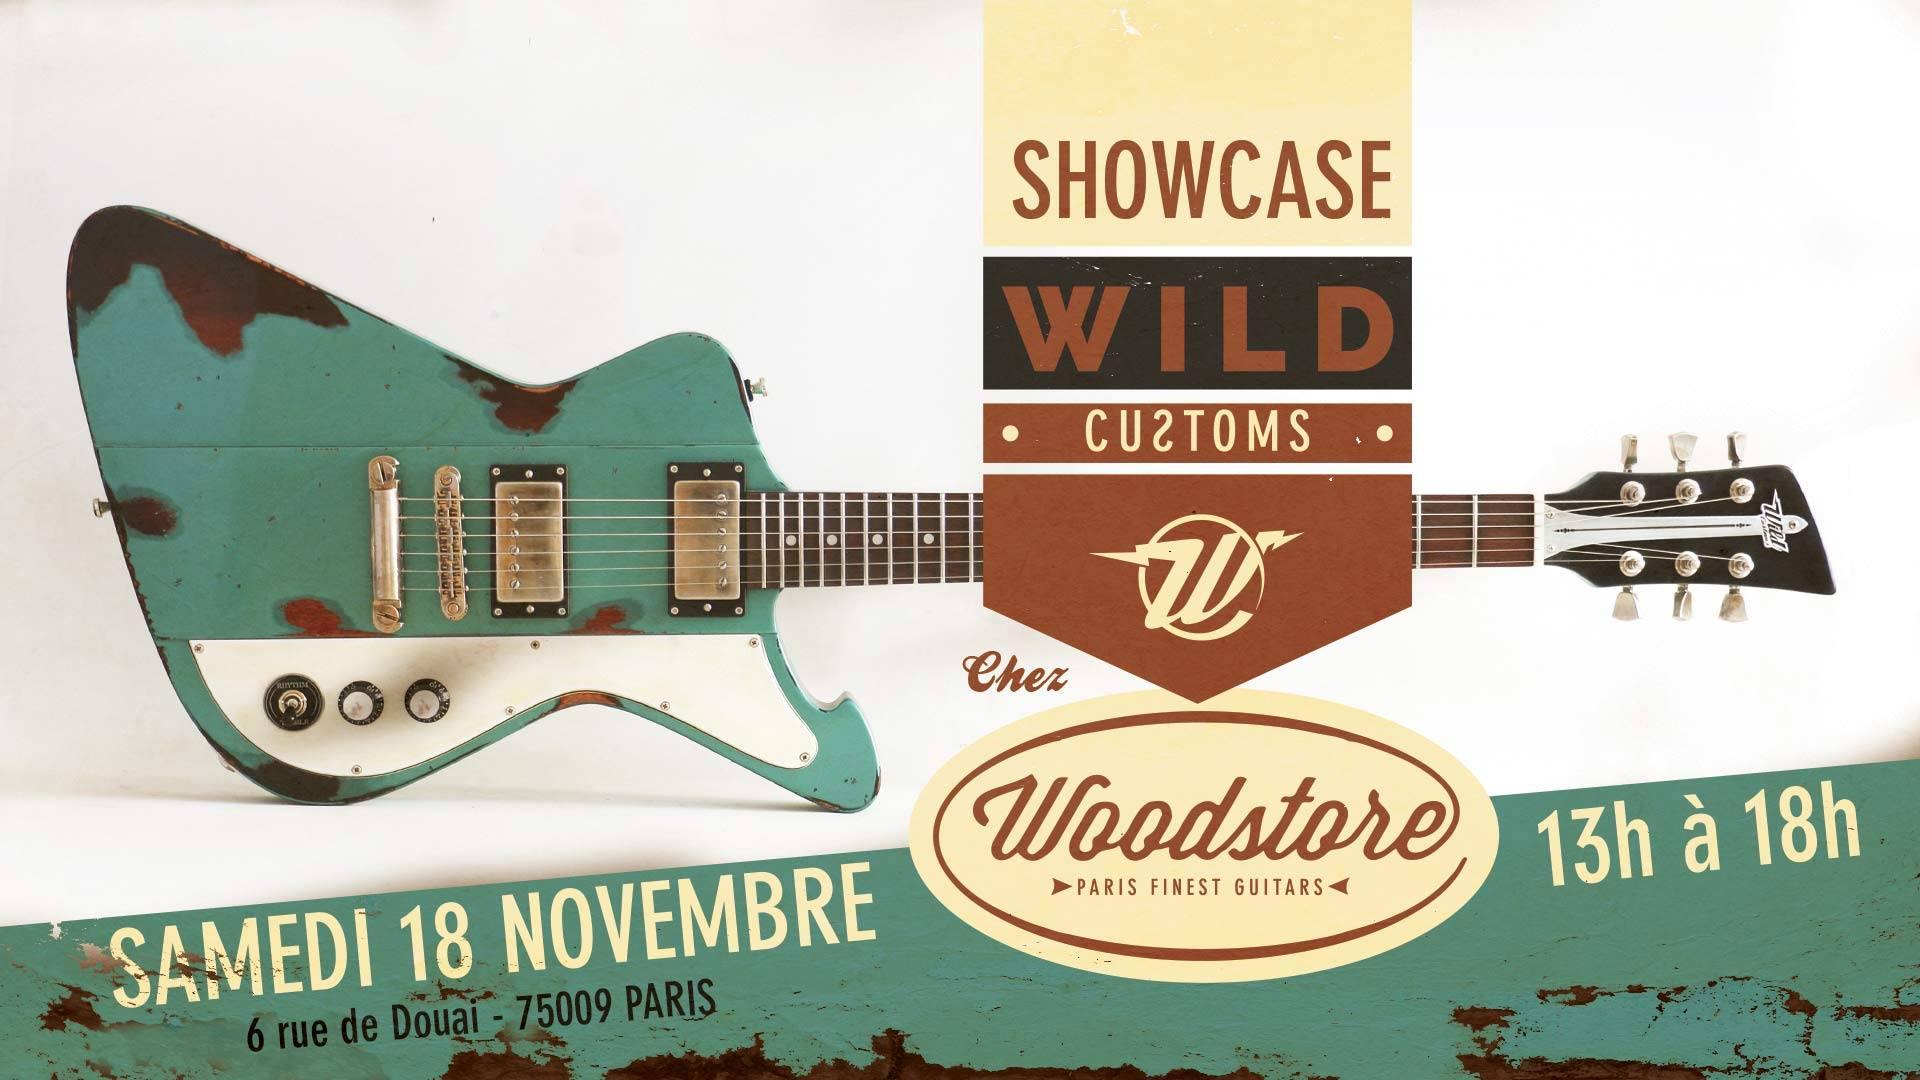 le magasin woodstore revend les instruments wild customs et organise un showcase paris. Black Bedroom Furniture Sets. Home Design Ideas